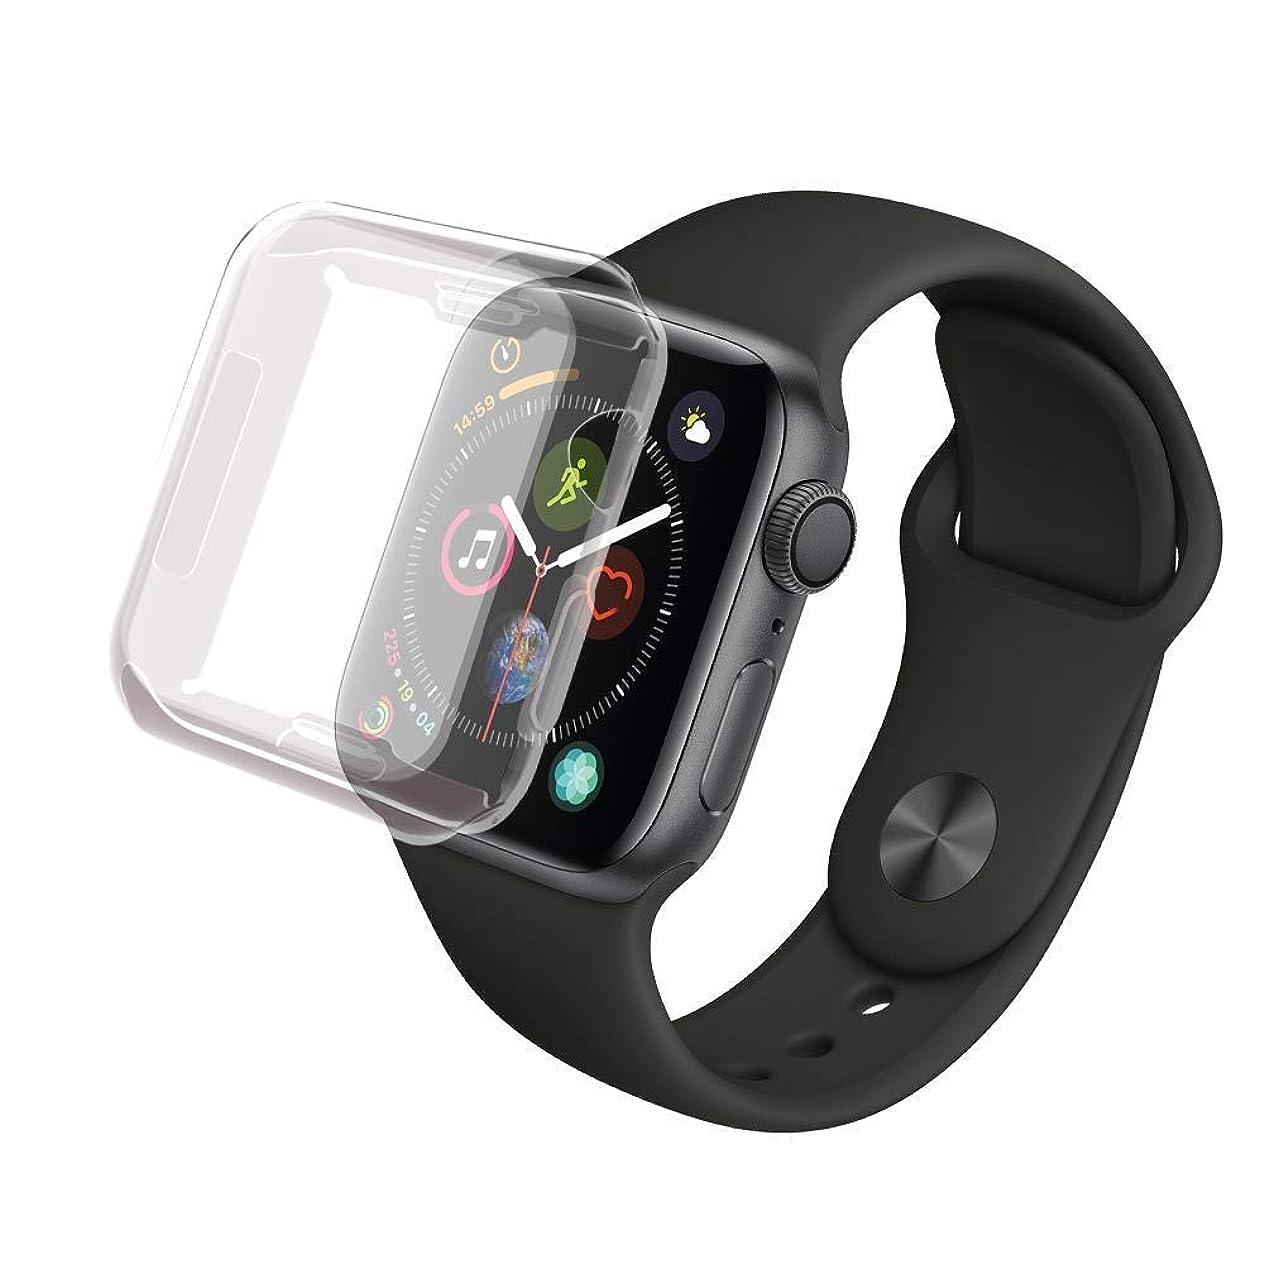 立ち向かう抗生物質エロチックApple Watch 44mm ケース 全面保護, AROC アップルウォッチ全面カバー 保護ケース キズ防止 衝撃吸収 着装まま充電可能 精密操作 高感度 高級感 防汗 脱着簡単 コンパチブル アップル ウォッチ シリーズ4カバー 全面保護ウォッチアクセサリスマートフォンケース 『透明』